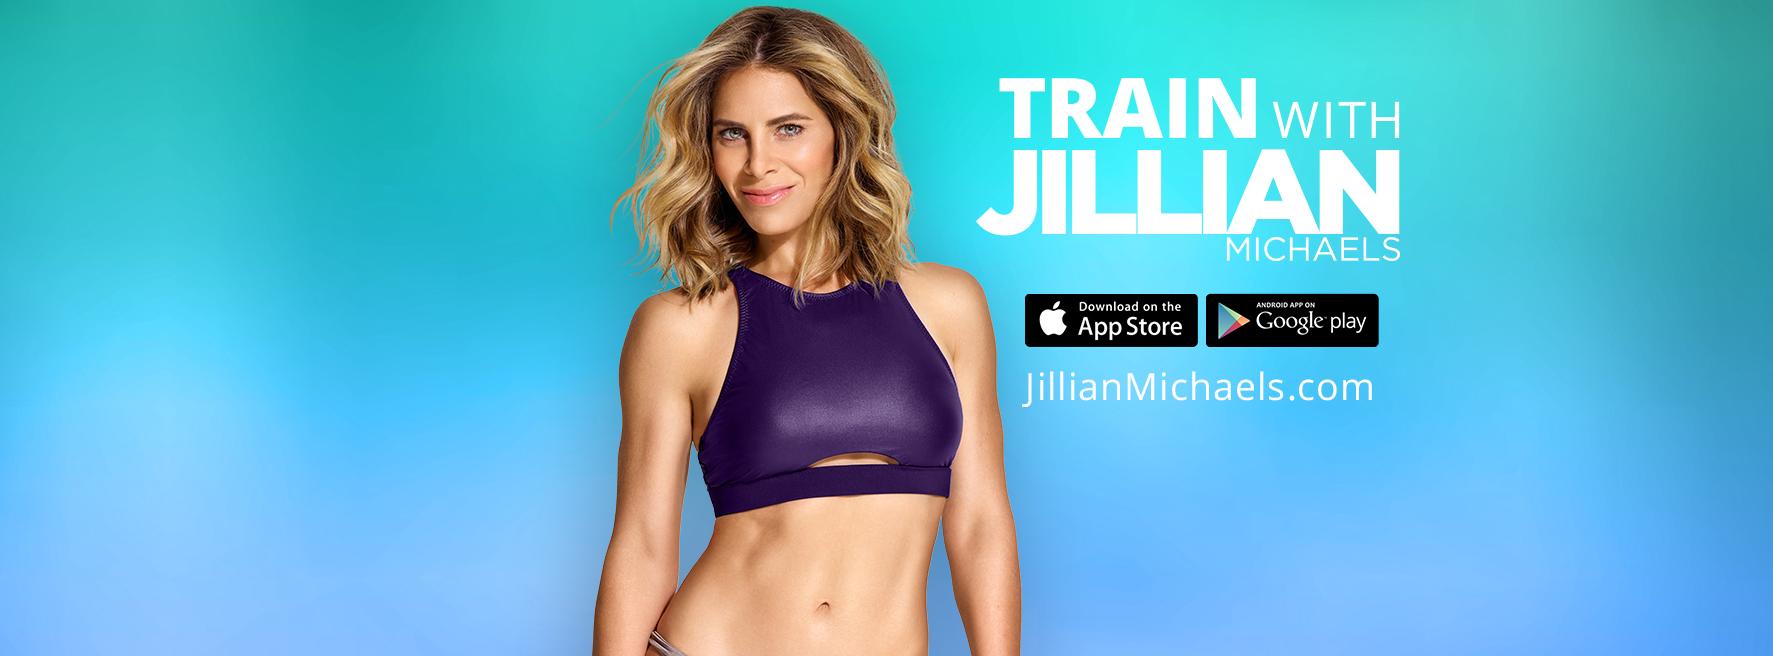 Jillian trainapp fb may2017